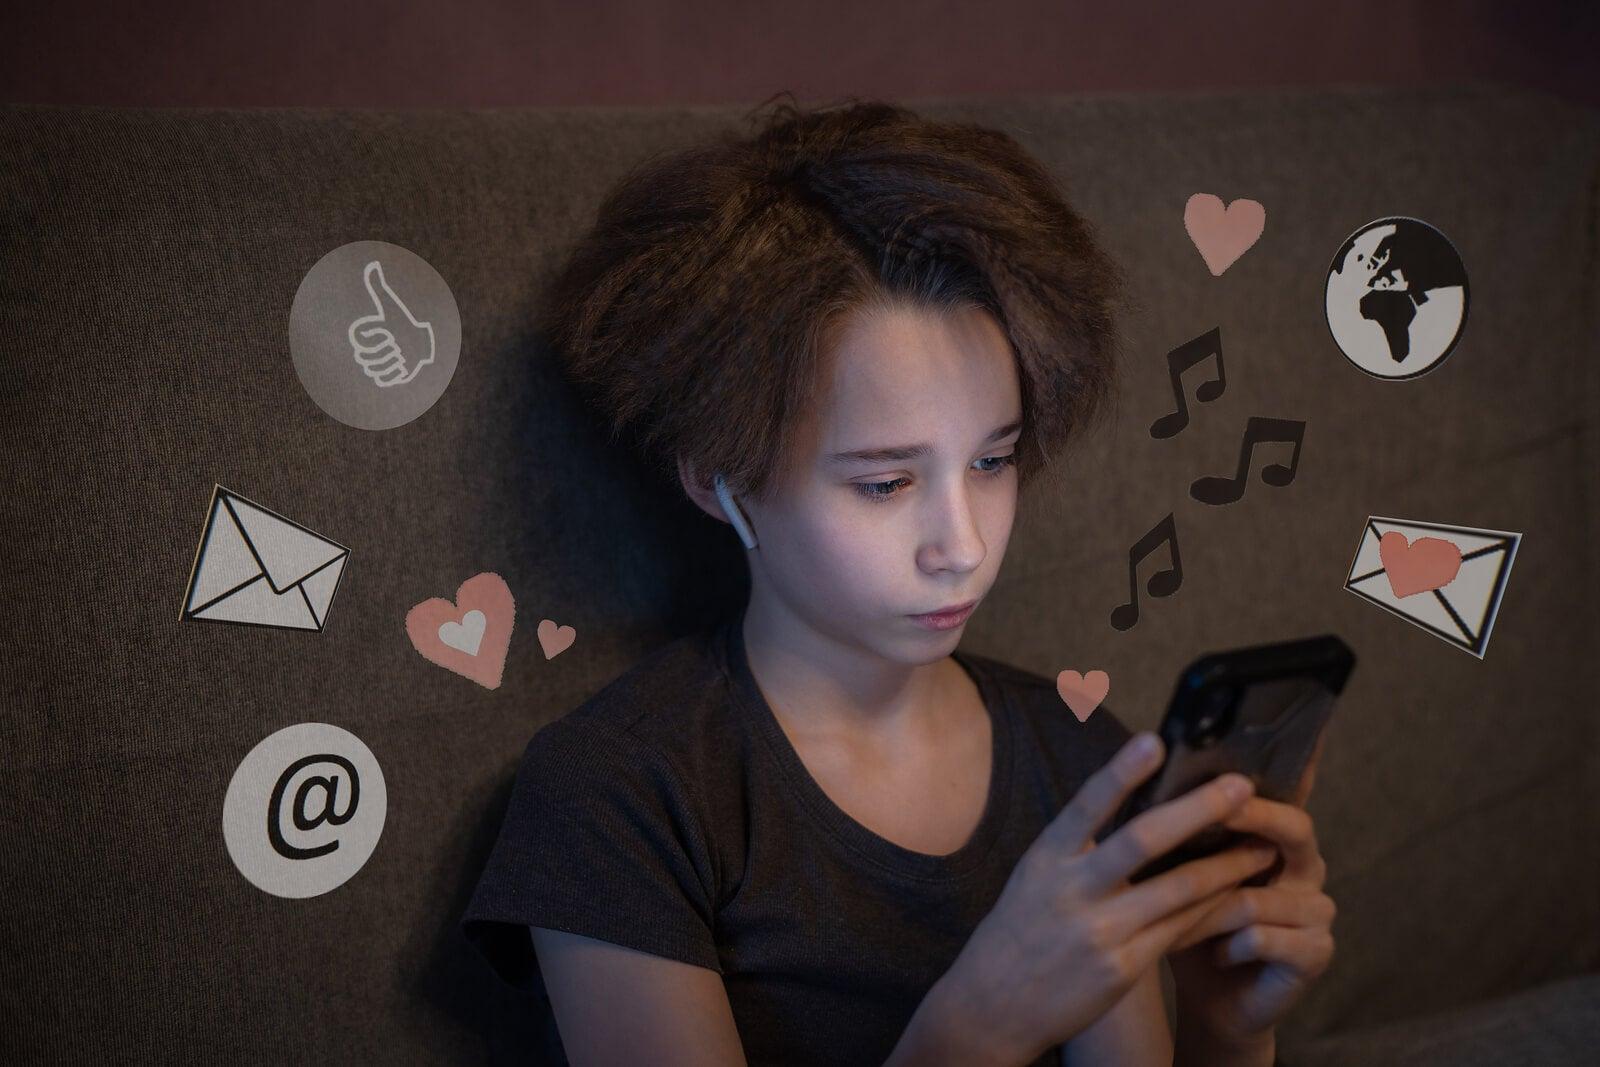 Adolescente usando su primera cuenta en redes sociales en su móvil.